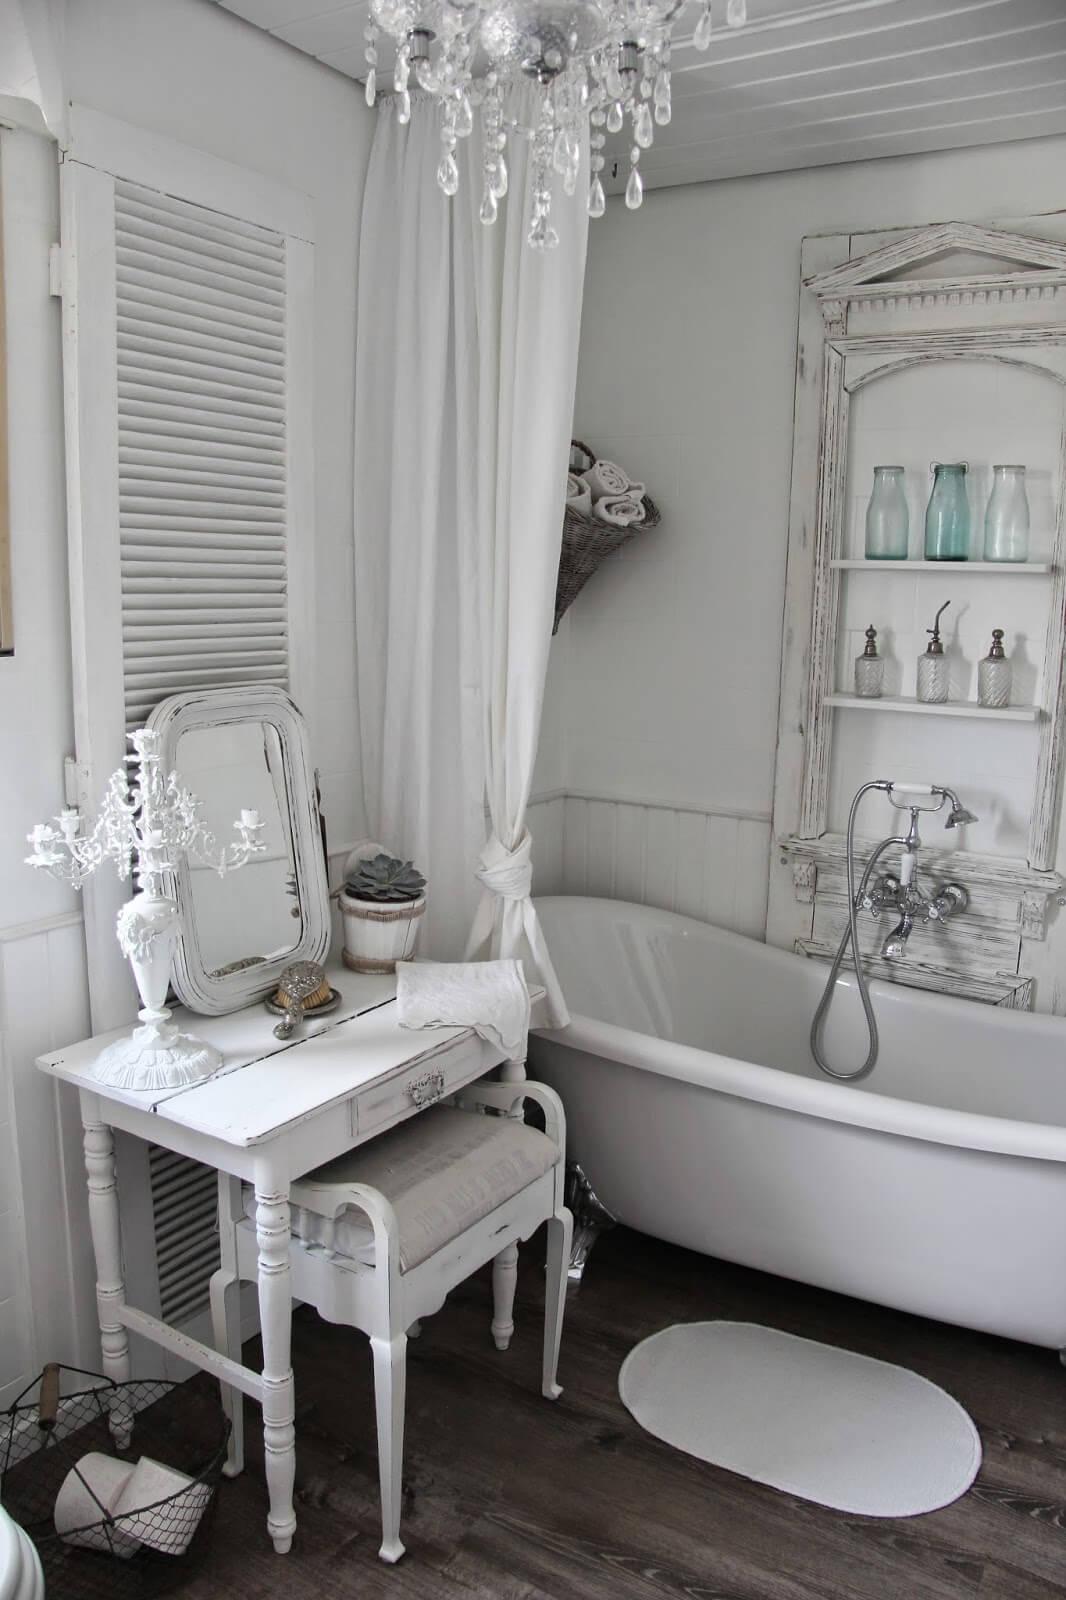 Bagno in stile shabby chic ecco 20 bellissime idee da vedere - Shabby chic interiors bagno ...